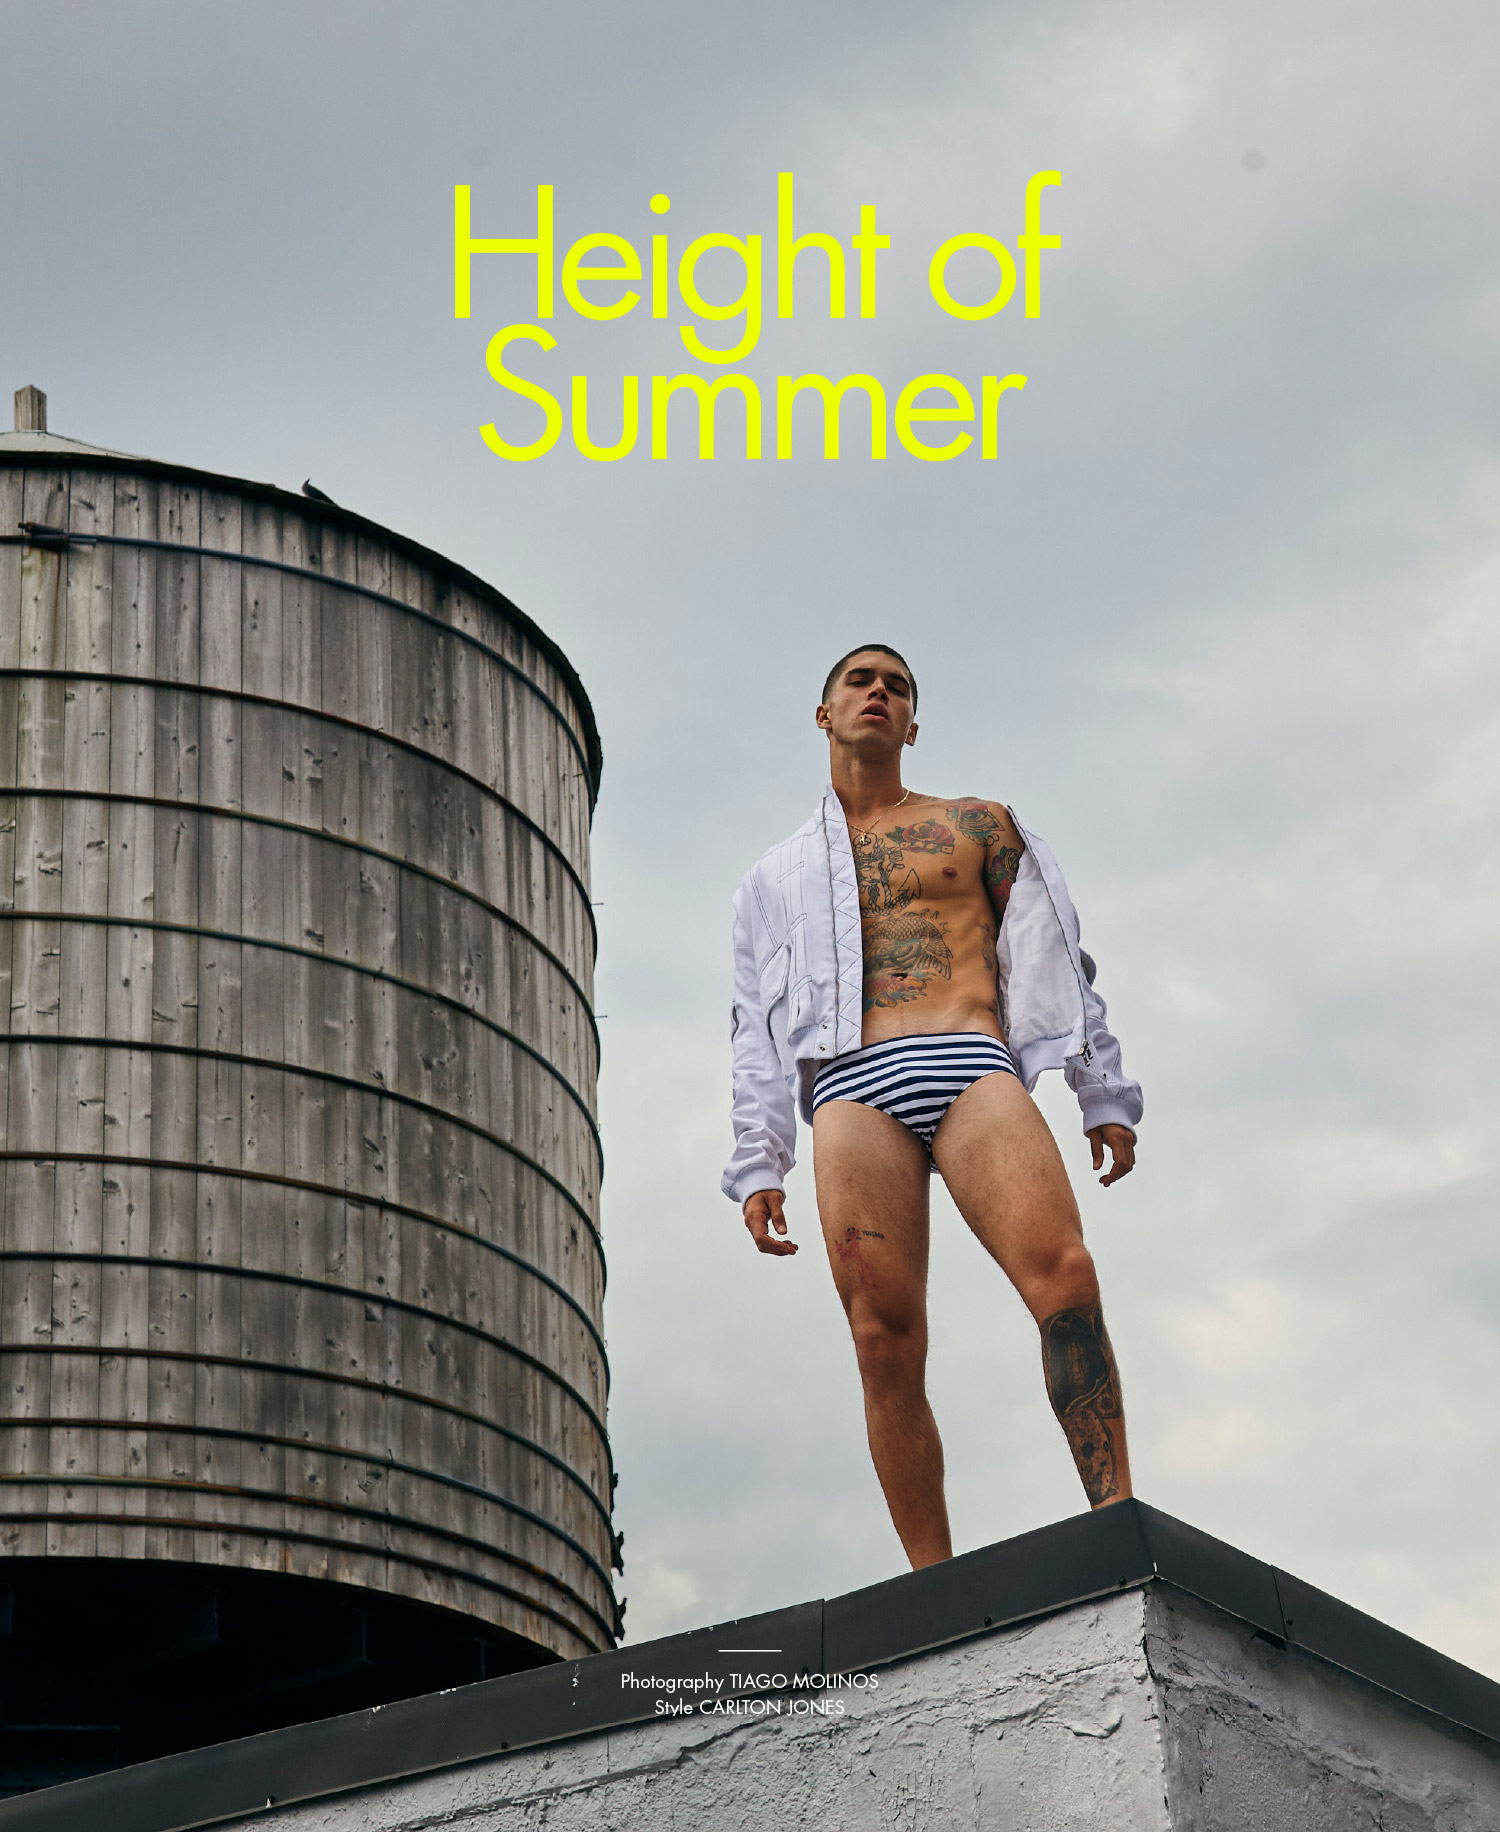 heighofsummer-promo.jpg